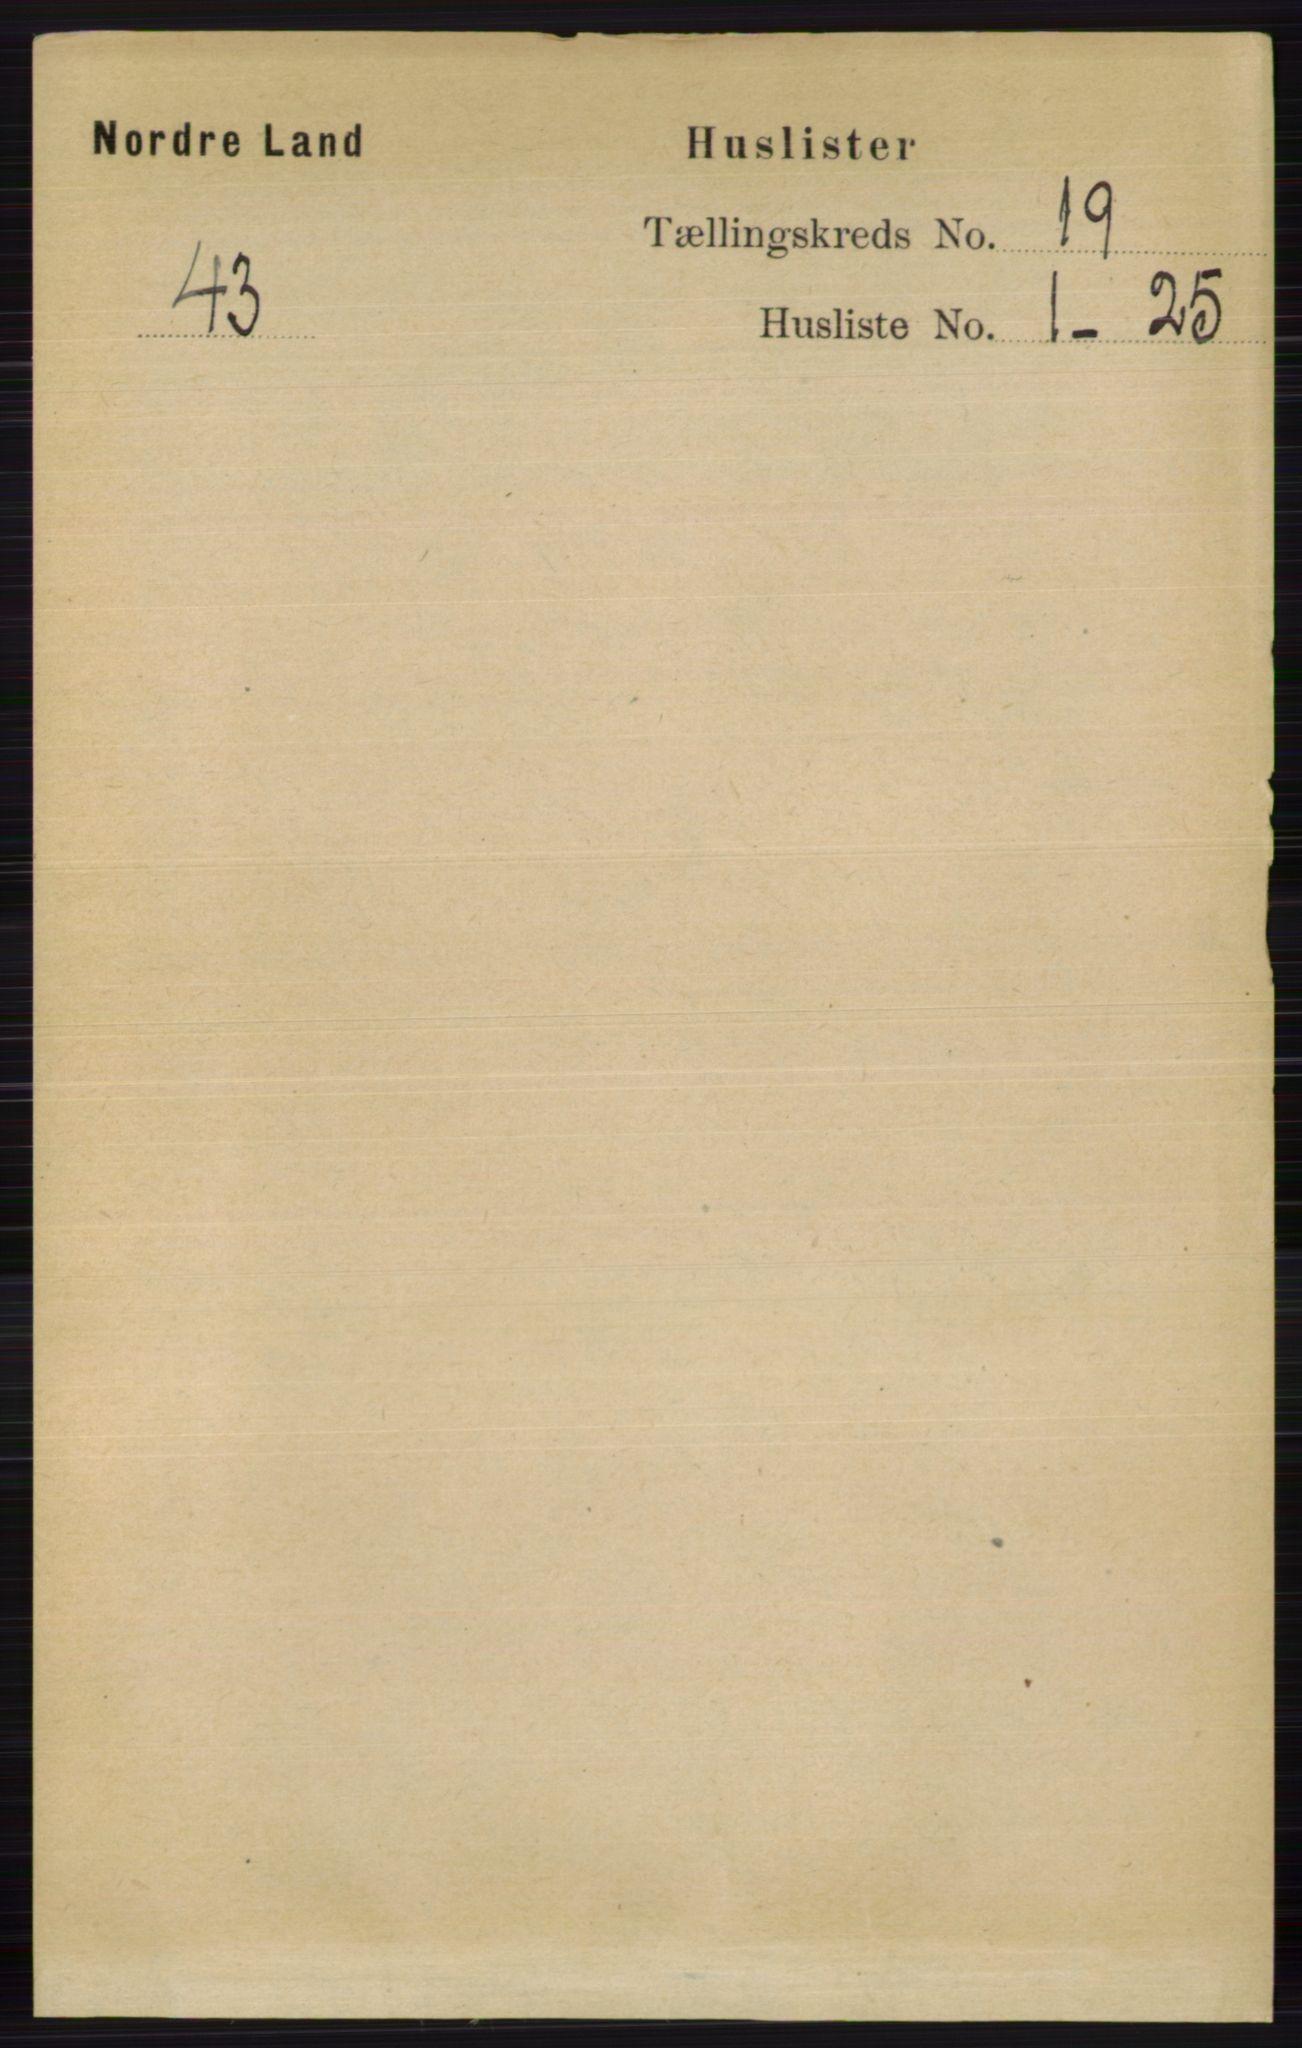 RA, Folketelling 1891 for 0538 Nordre Land herred, 1891, s. 4593